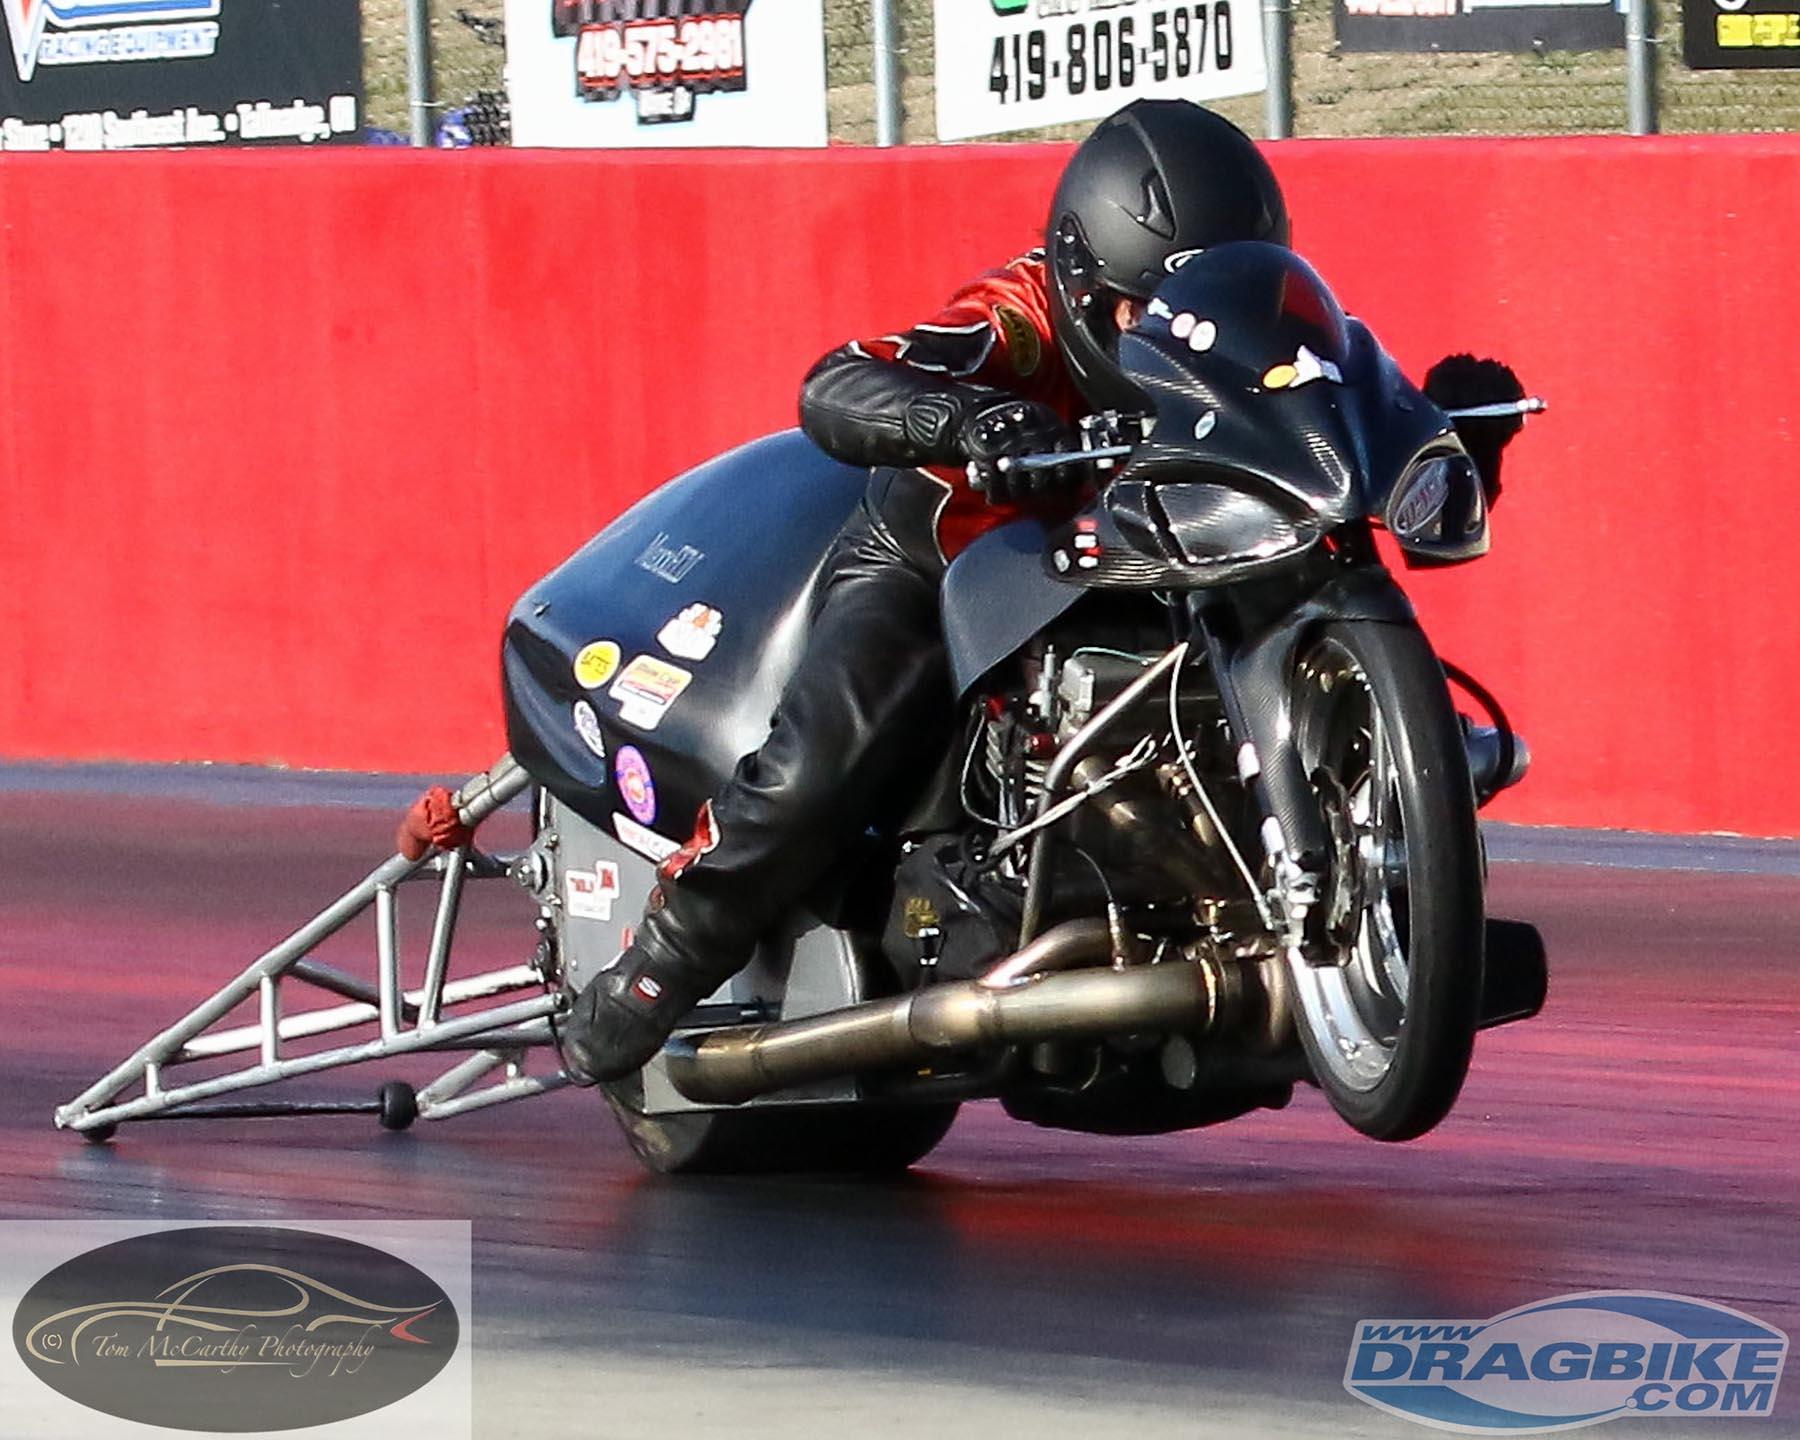 Top Fuel Motorcycle - Rob Garcia